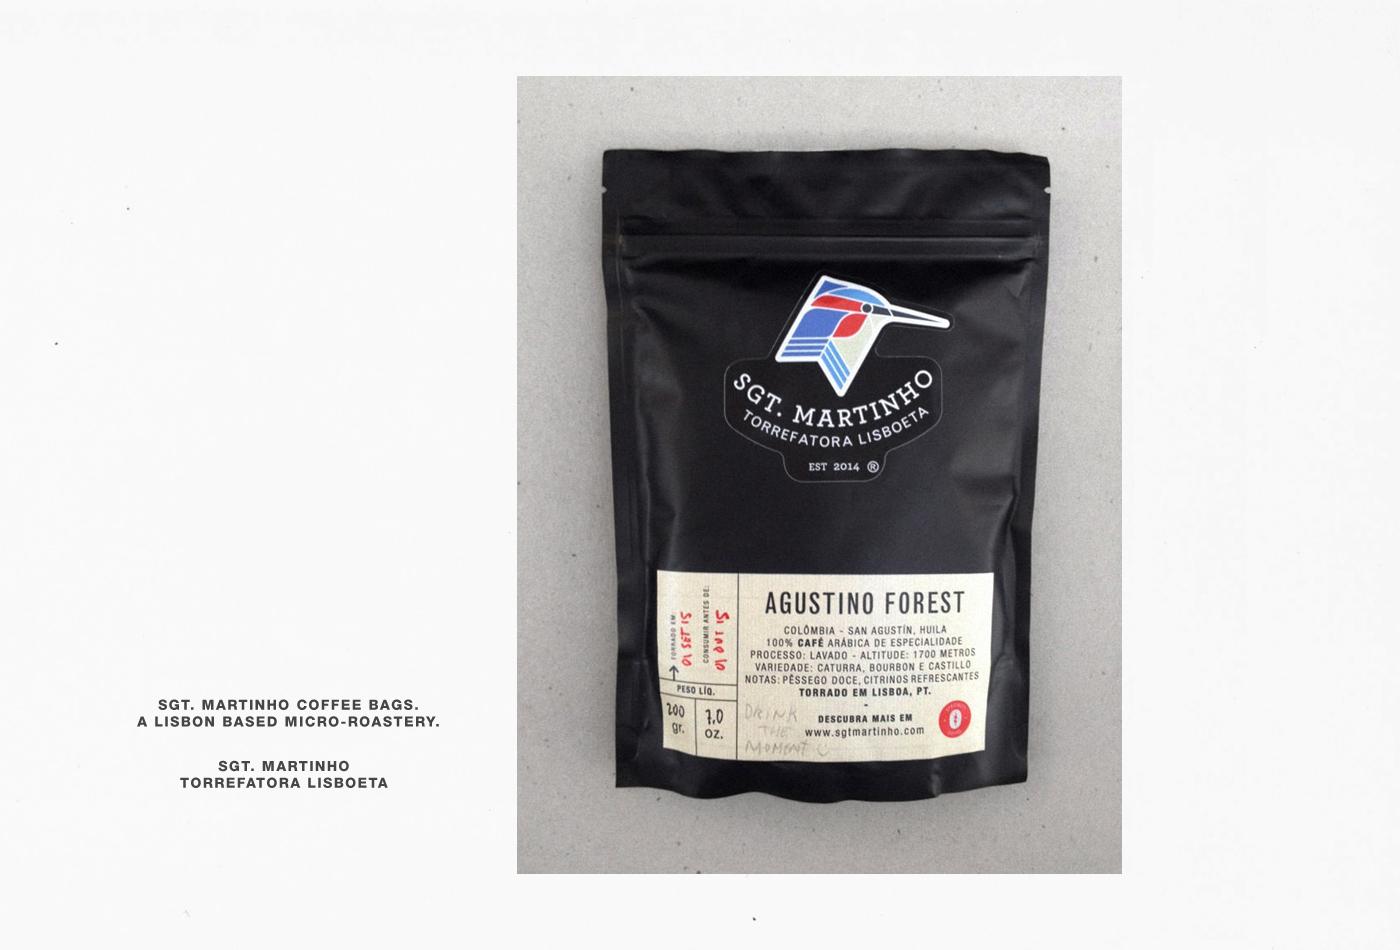 vacaliebres-sgtmartinho-bags-martinho-lisboa-coffee-logo-branding1